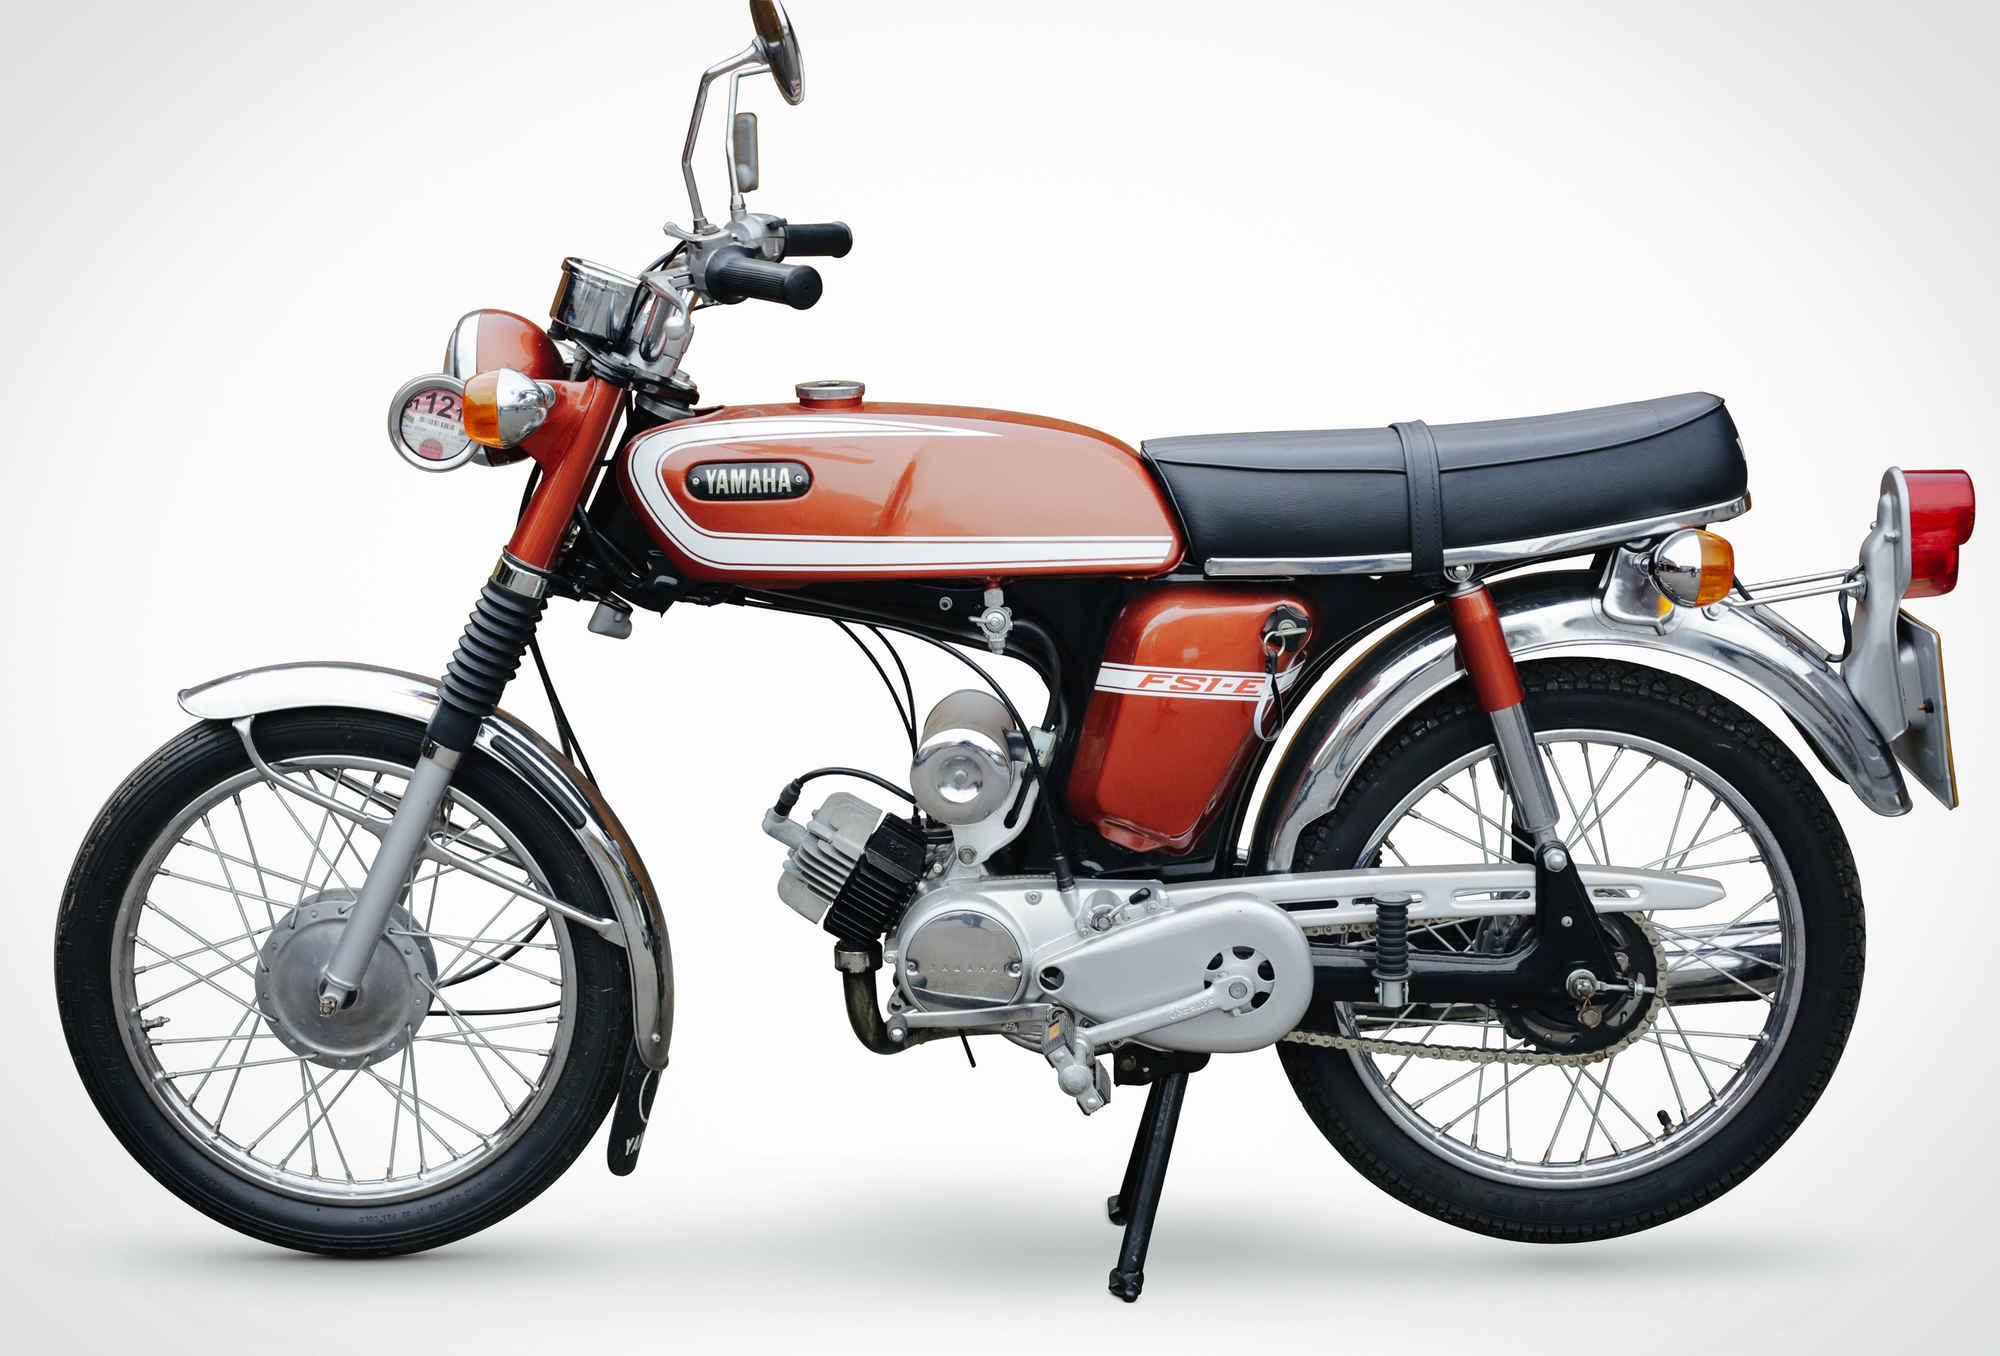 1975 Yamaha 49CC FS1-E